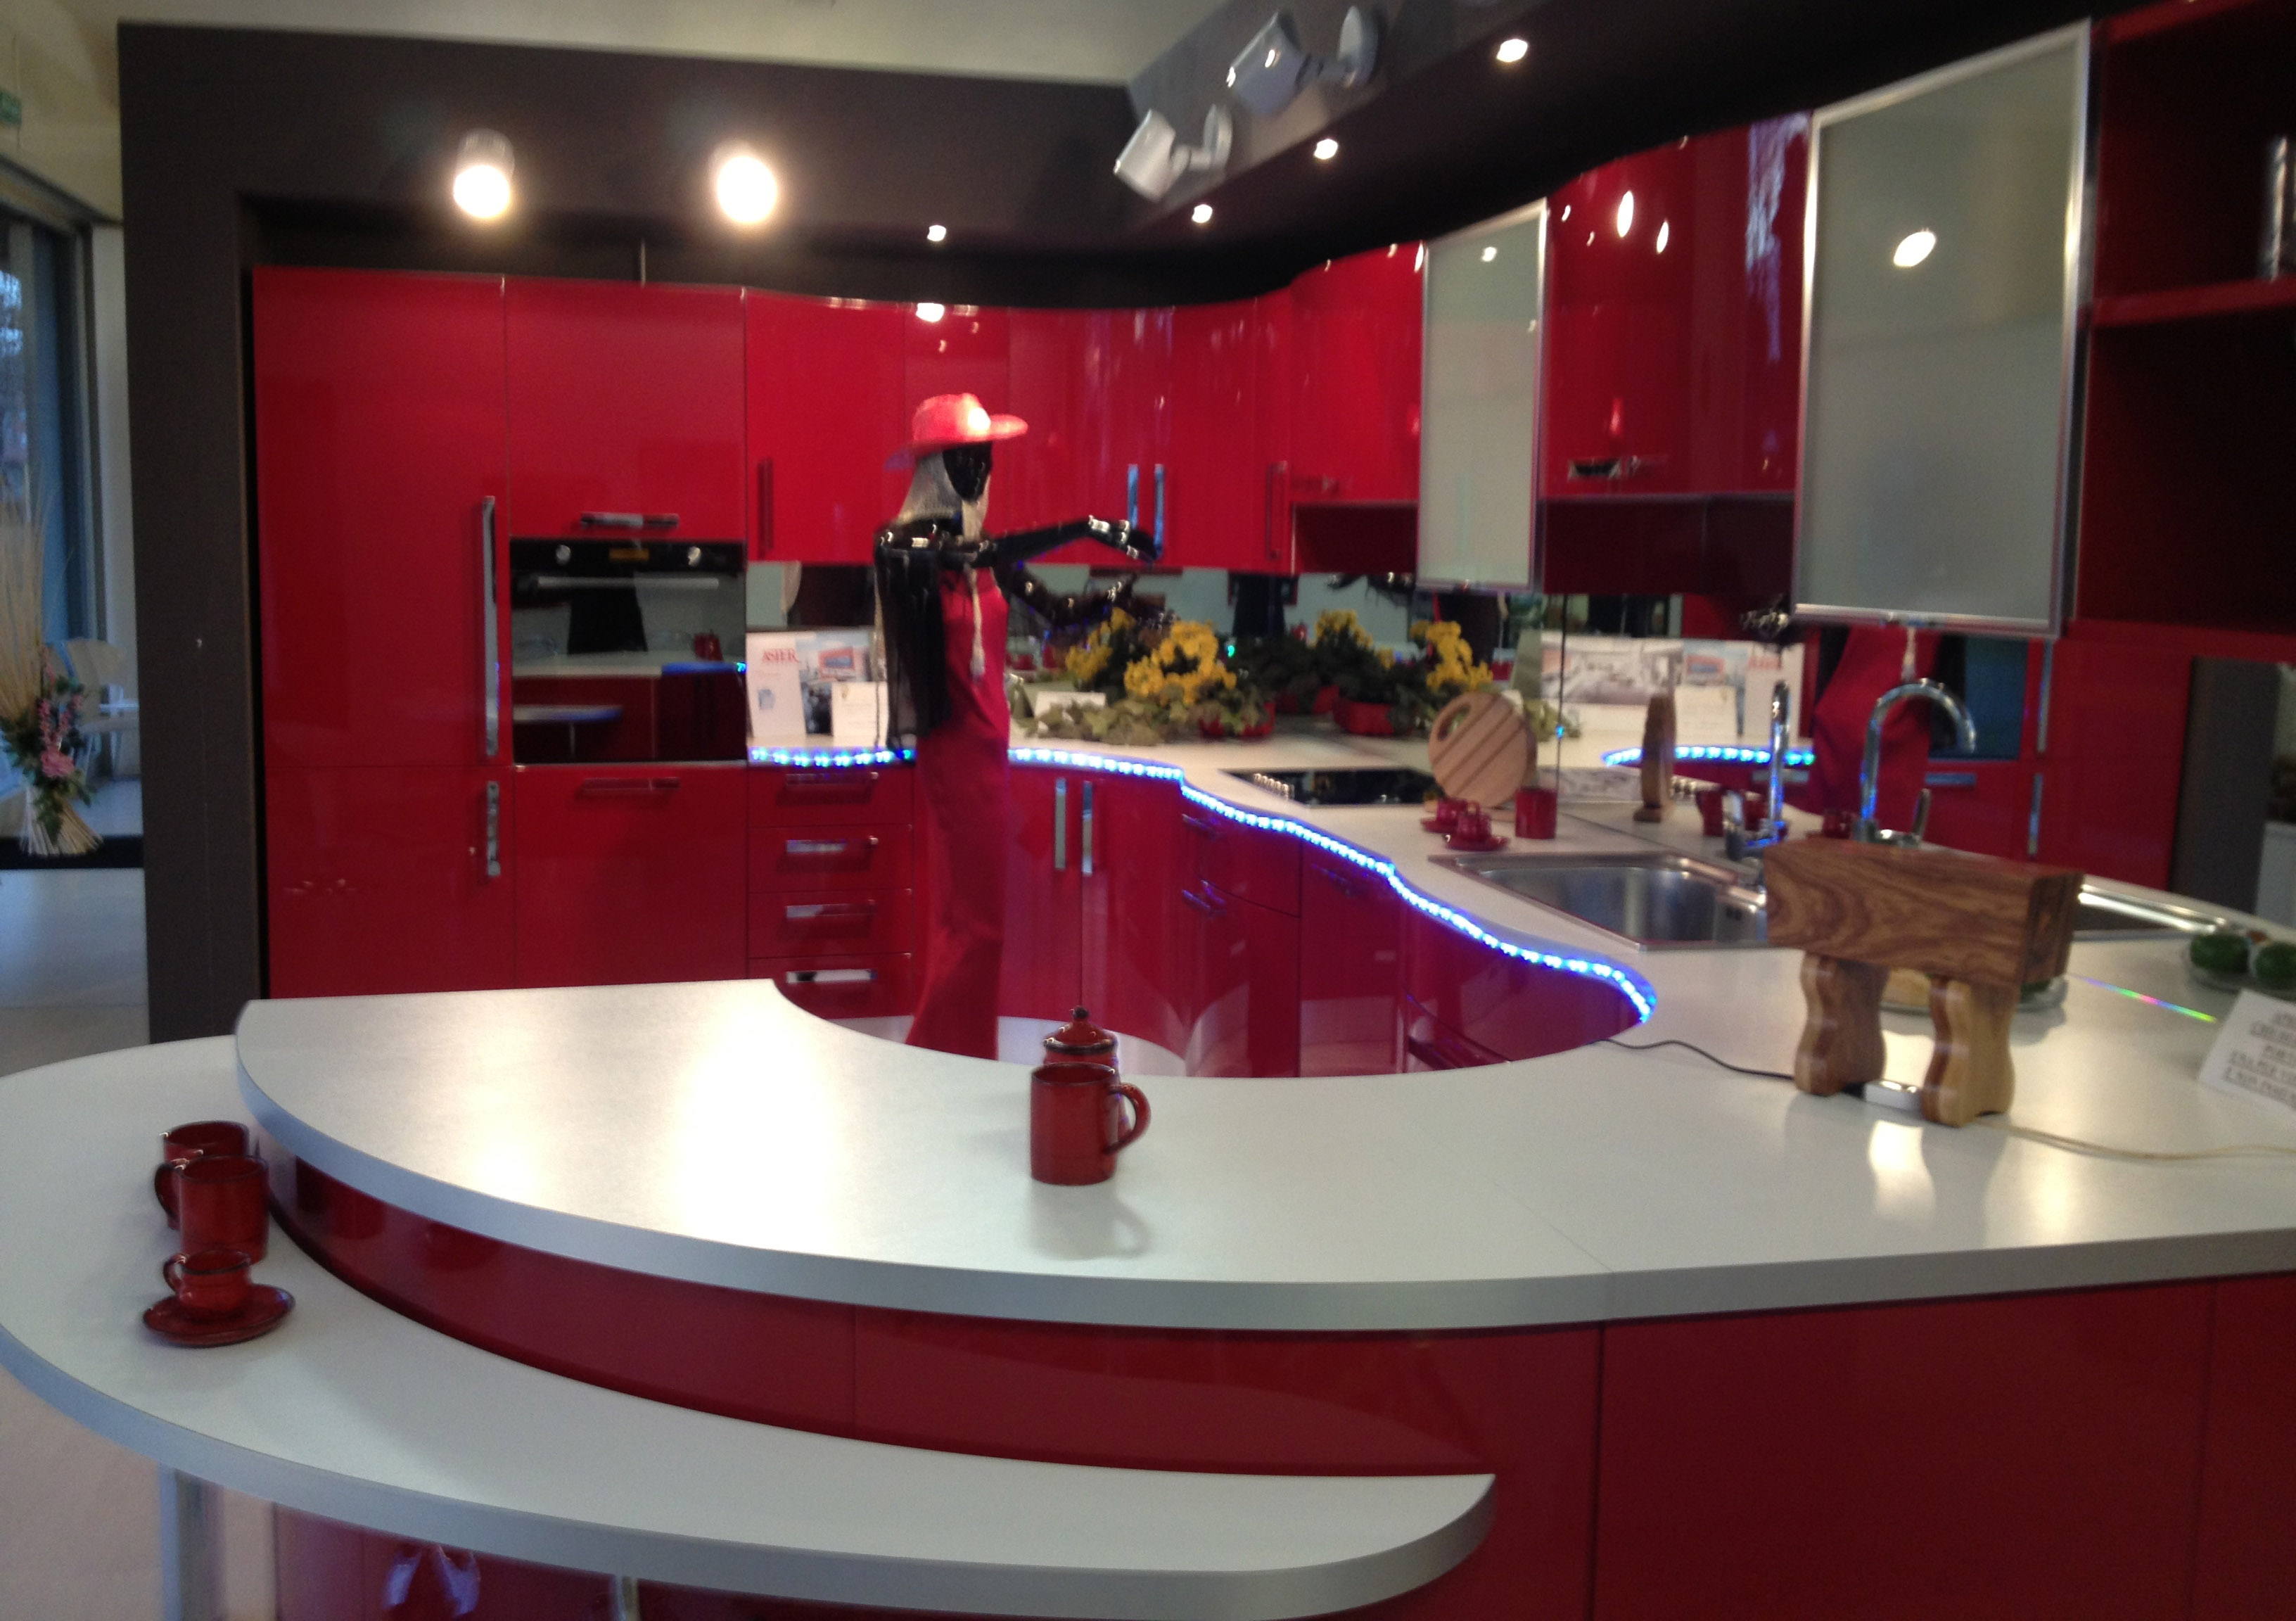 cucine aster - 28 images - cucina moderna aster cucine scontata 67 ...